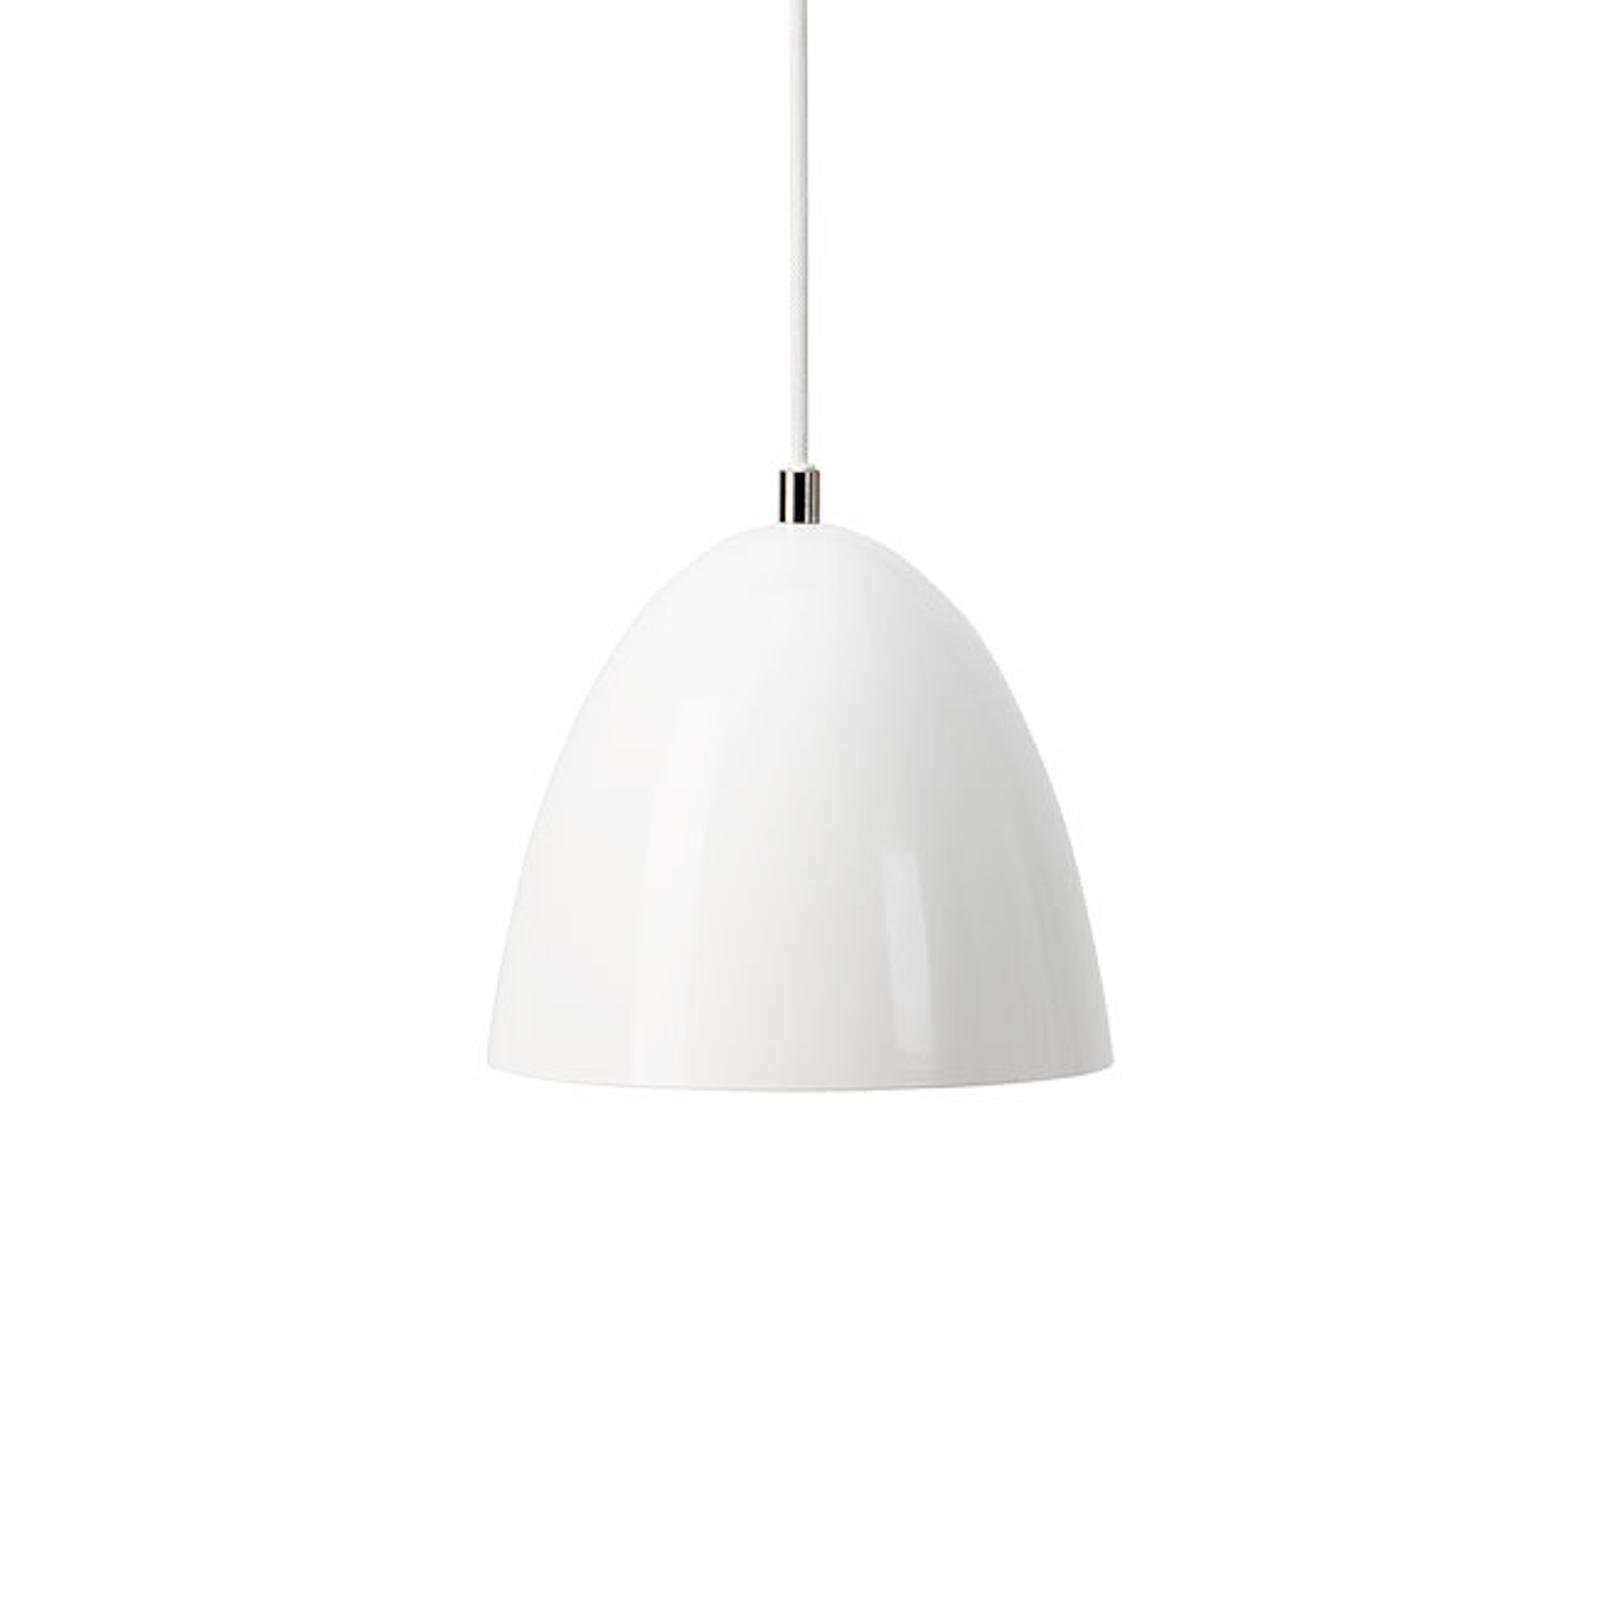 Eas LED-hengelampe, Ø 24 cm, 3000K, hvit